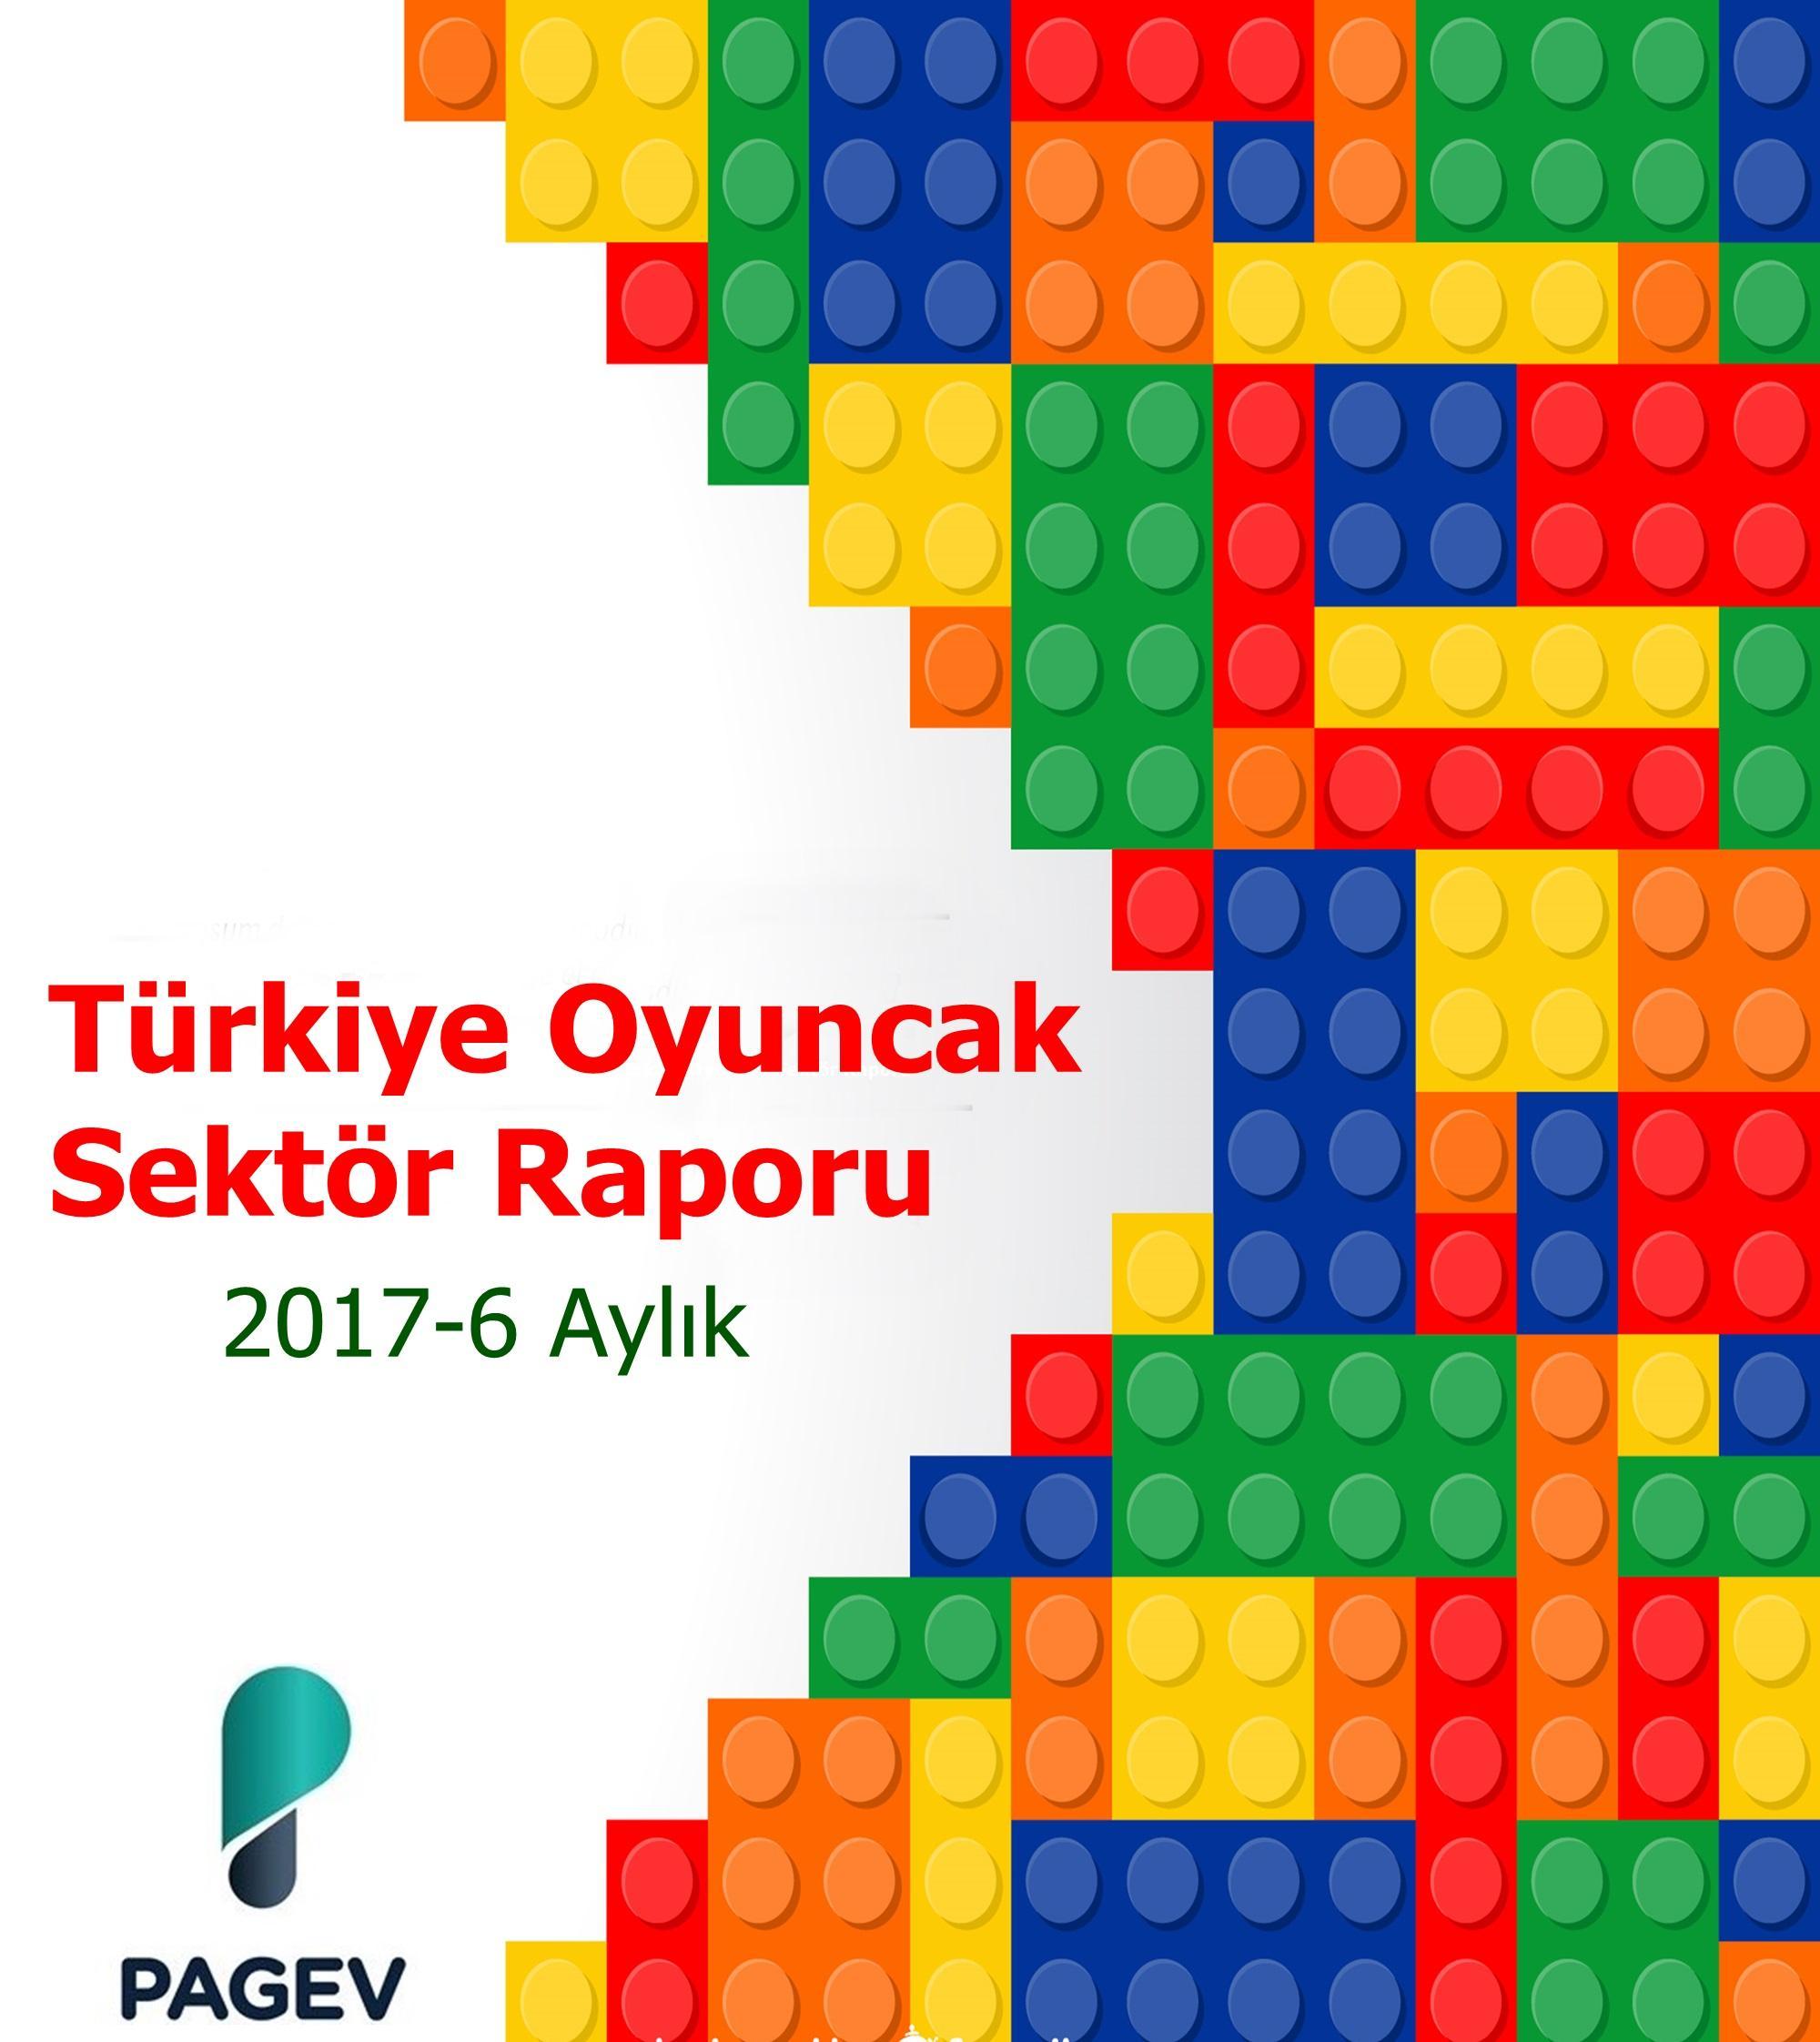 Türkiye Oyuncak Sektör Raporu 2017 - 6 Aylık